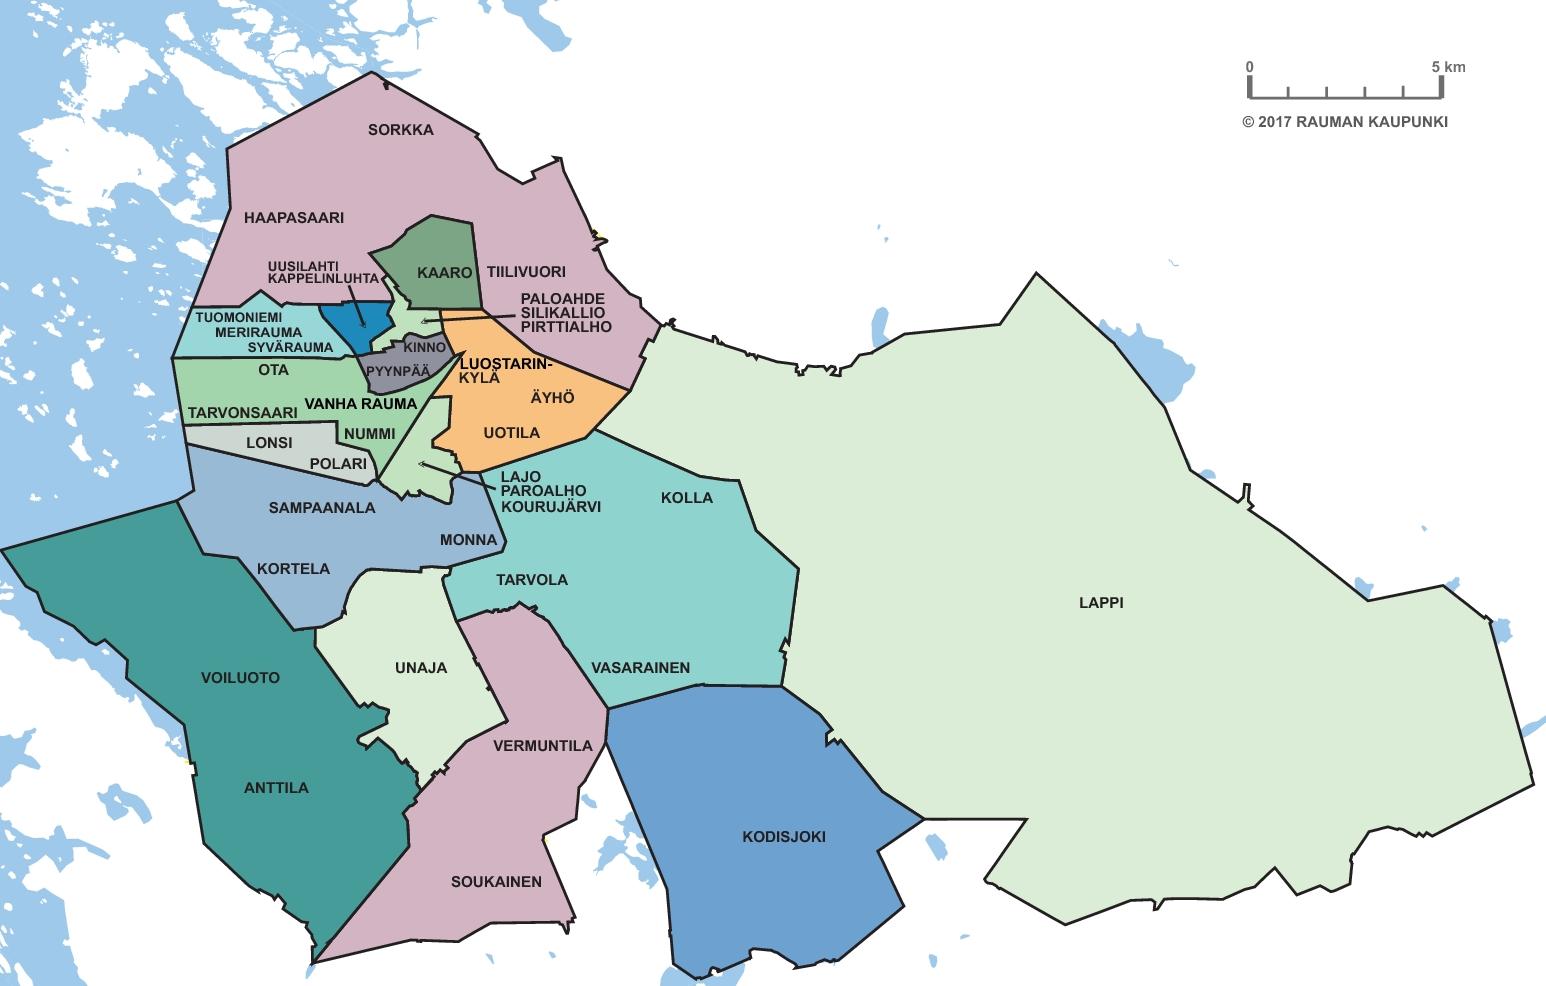 Rauman asuinalueet rajattuna eri värein kartalla.